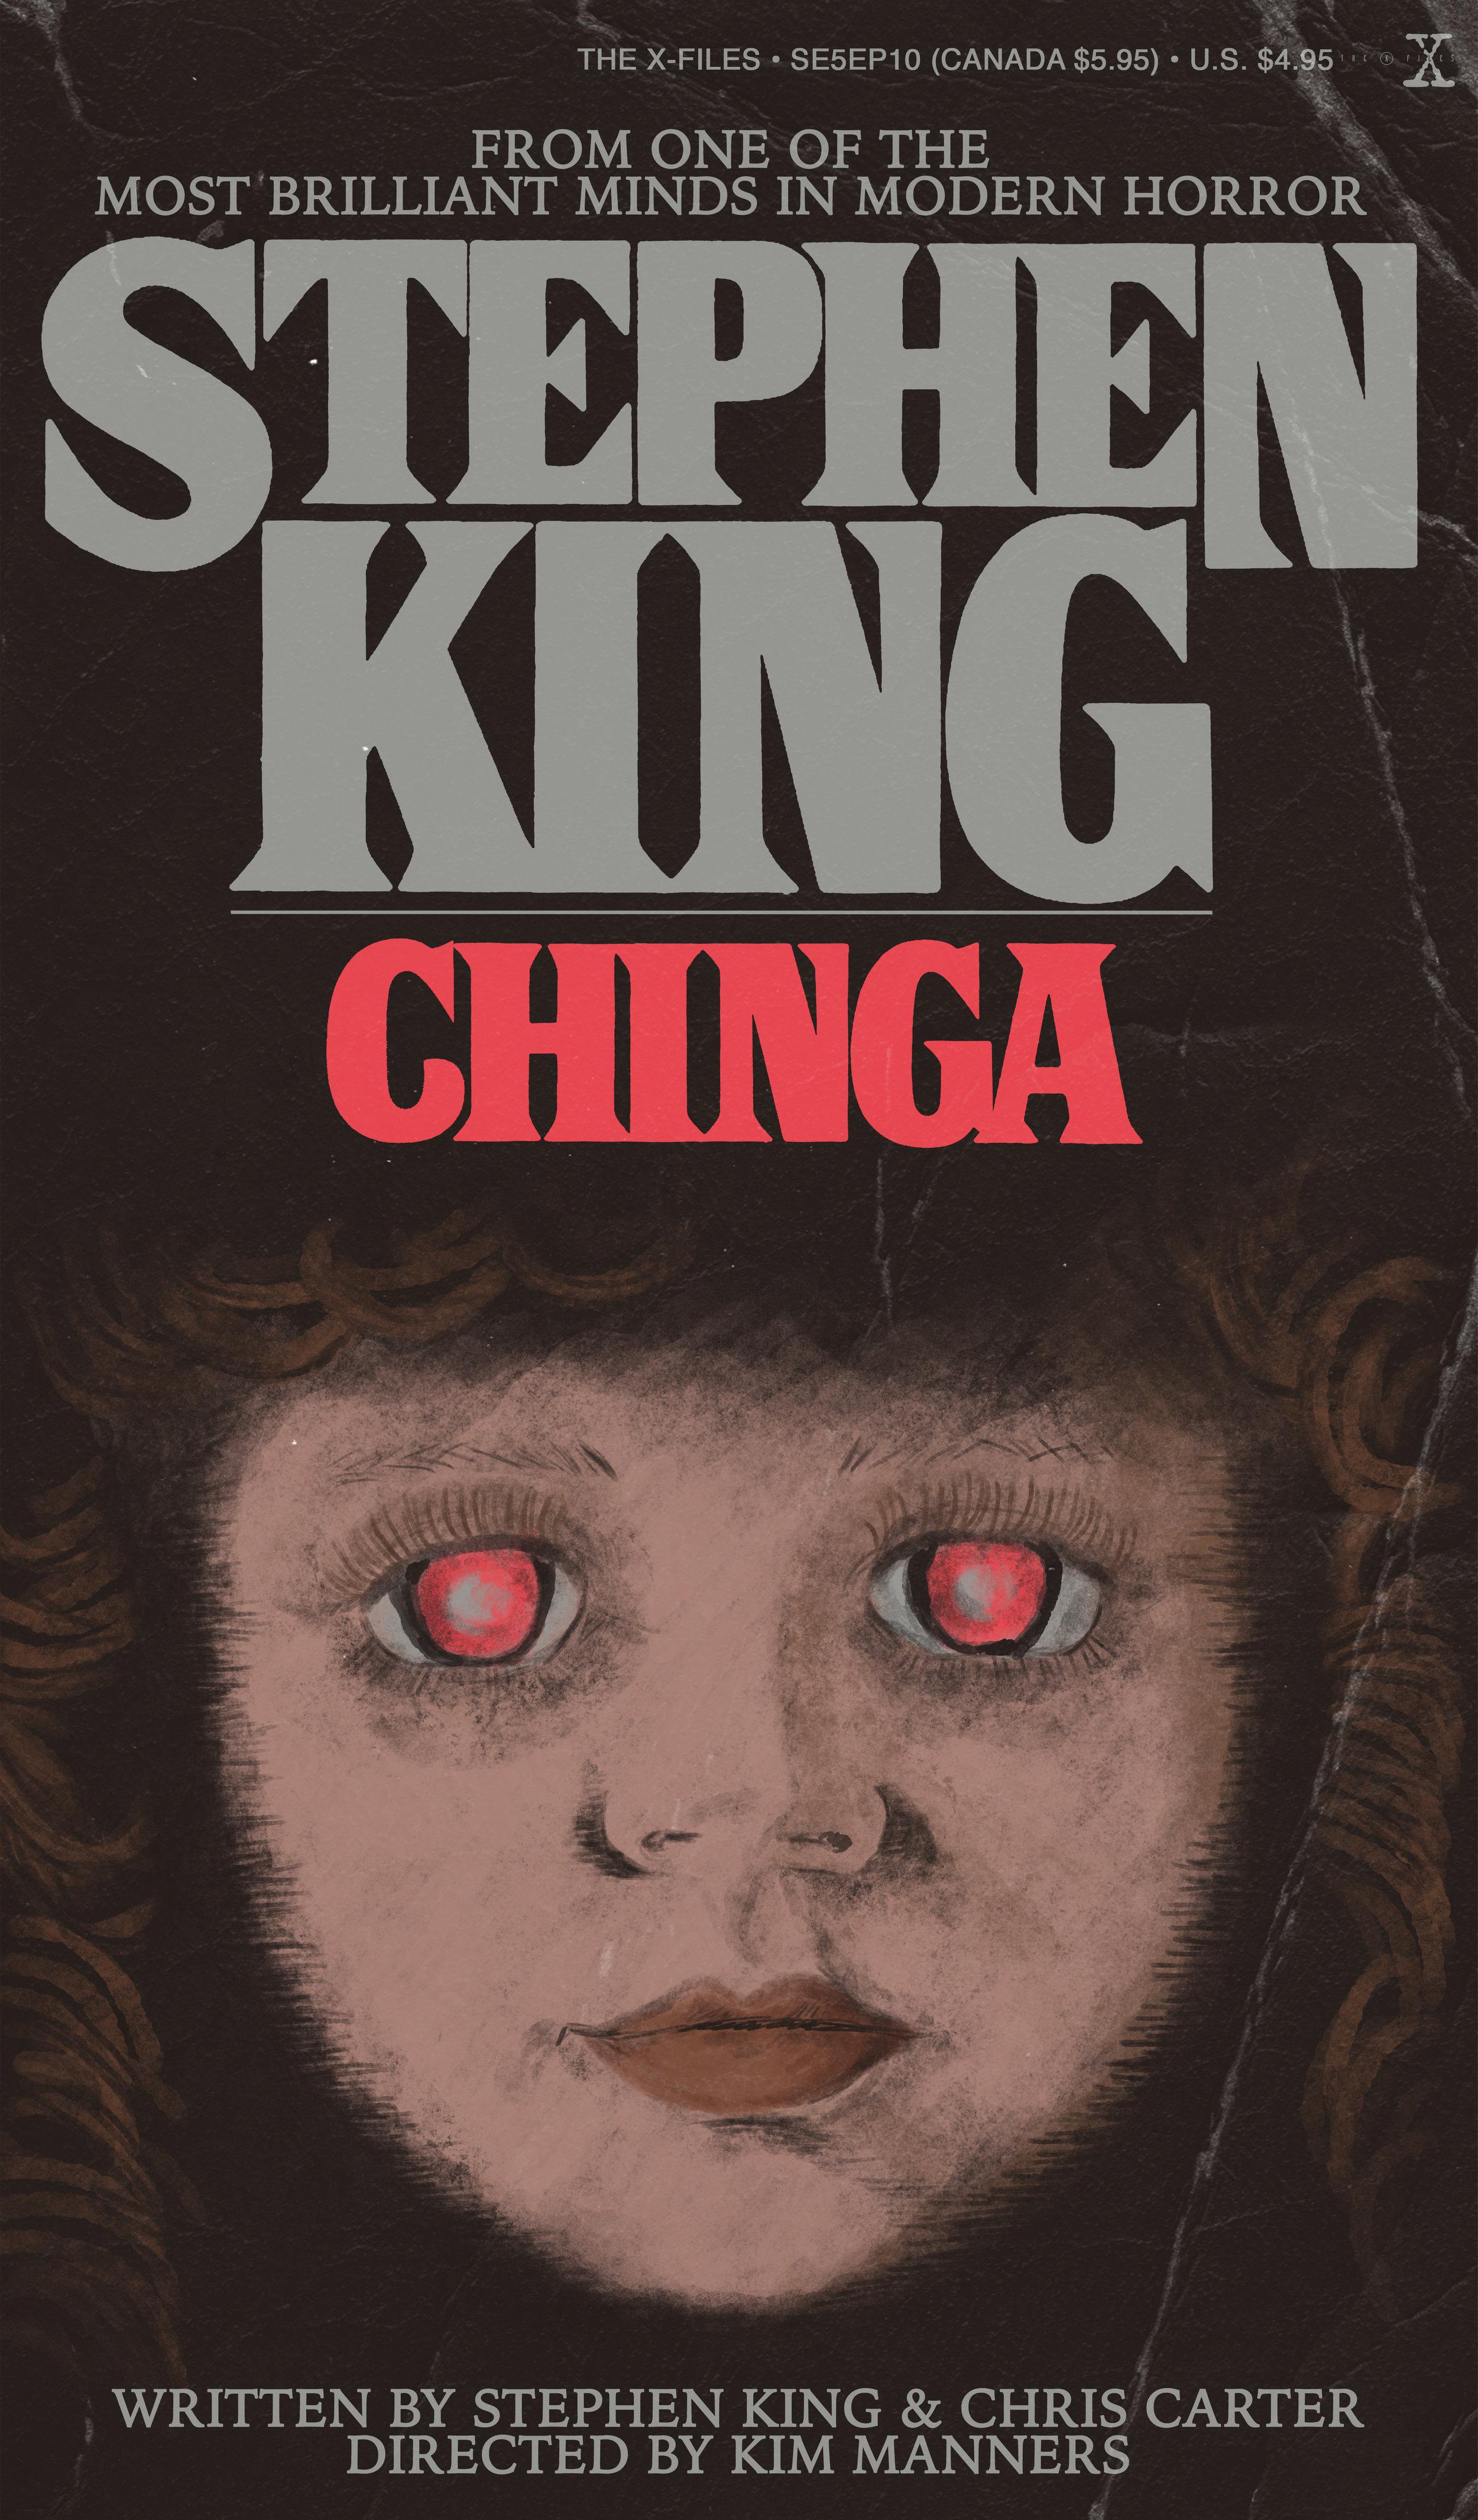 Chinga